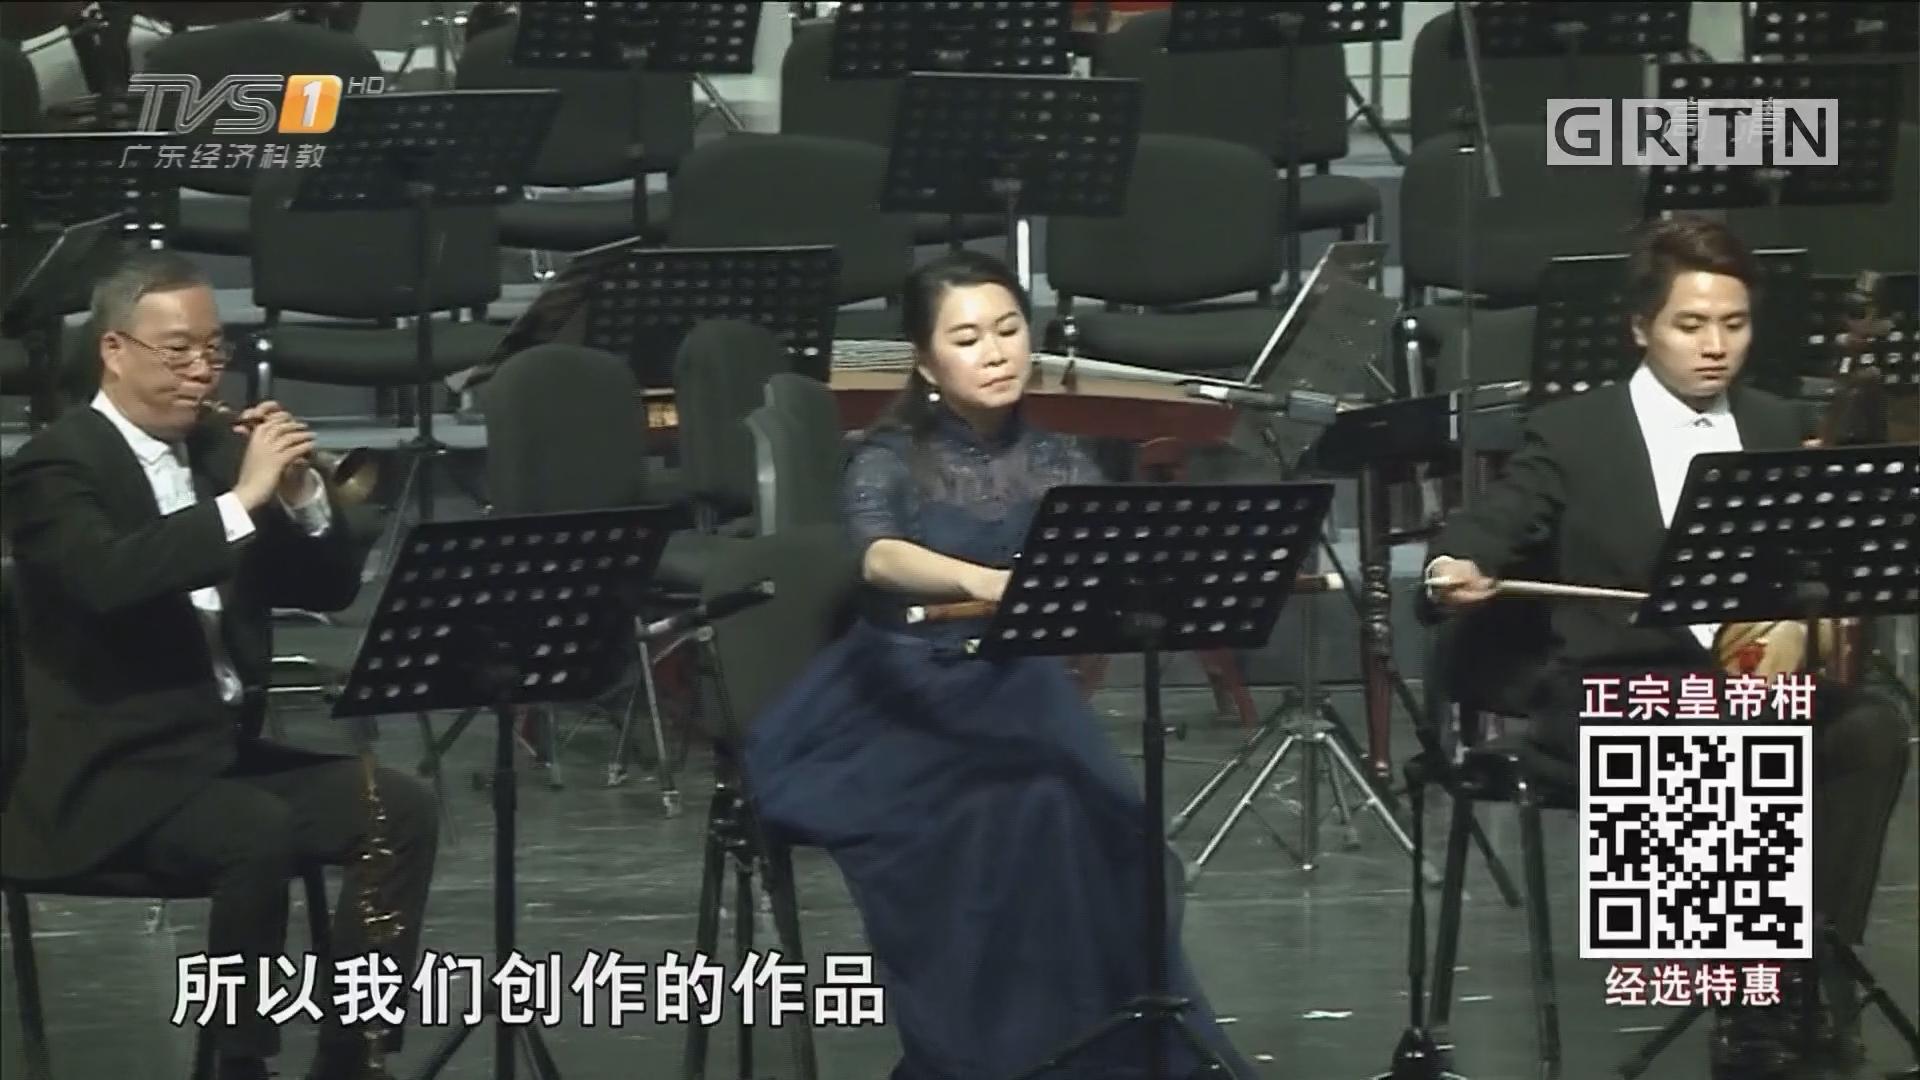 广东音乐创作决赛:岭南元素响彻广州大剧院